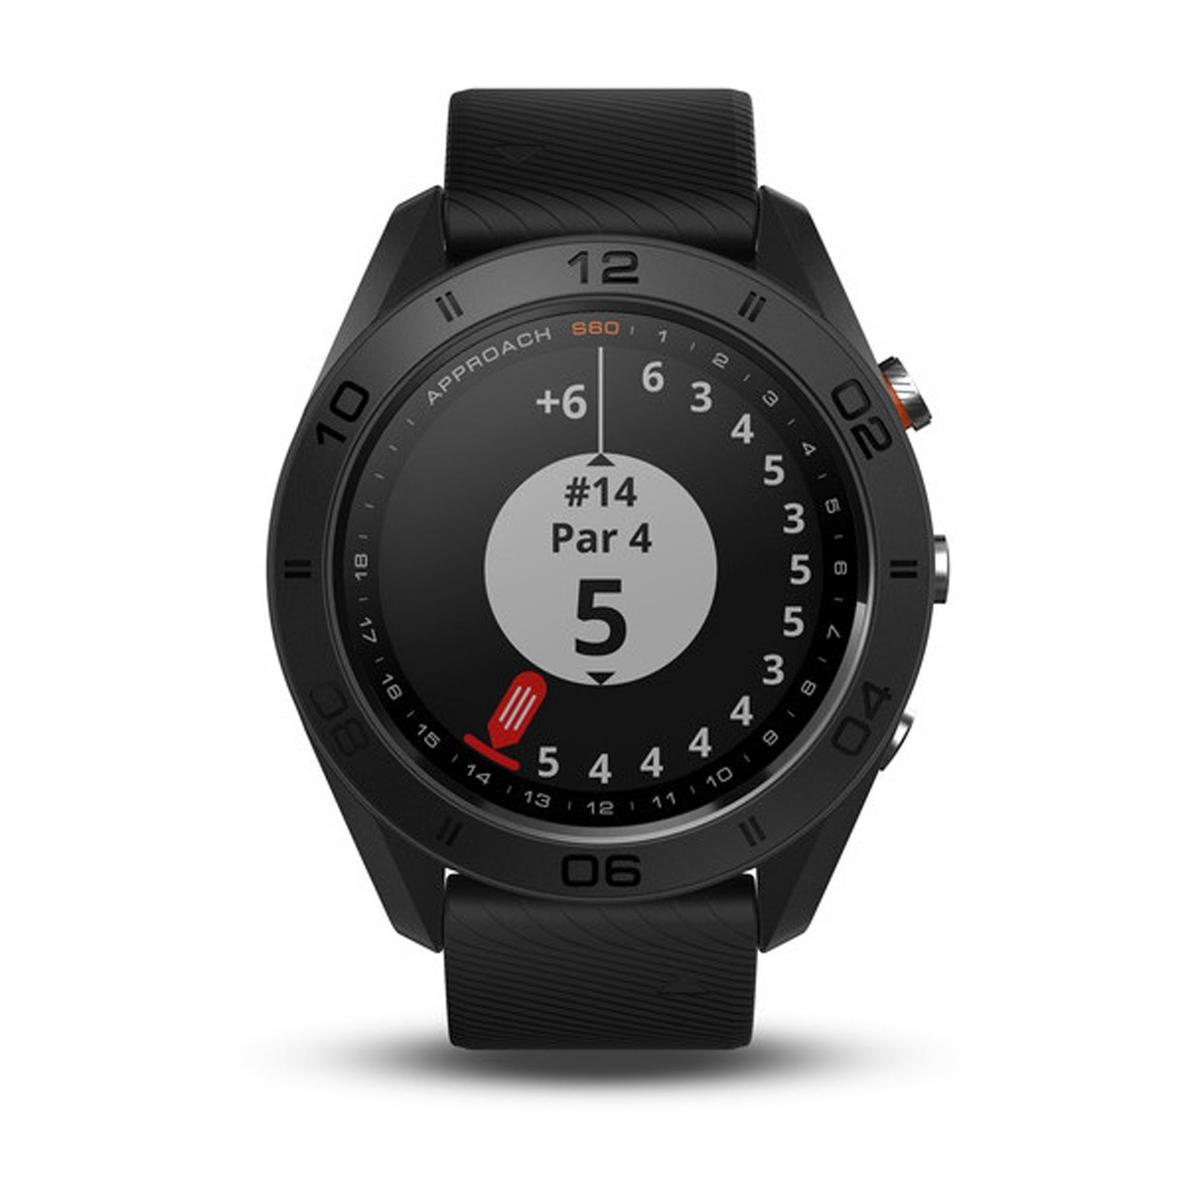 Bild 3 von Golf GPS-Uhr Approach S60 schwarz